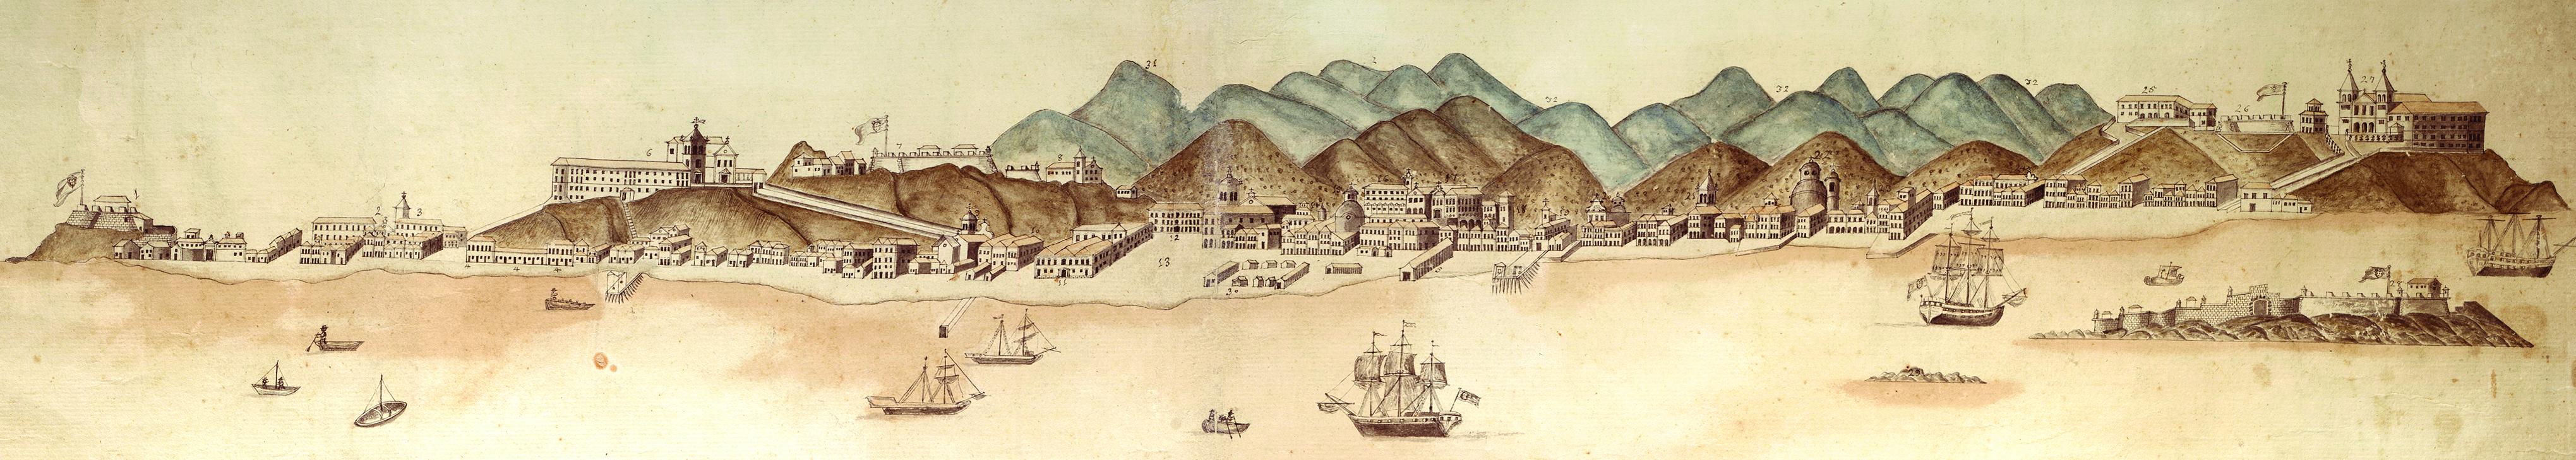 (1) Prospecto da cidade de S. Sebastião do Rio de Janeiro...<br> Luís dos Santos Vilhena. Acervo da Fundação Biblioteca Nacional - Brasil